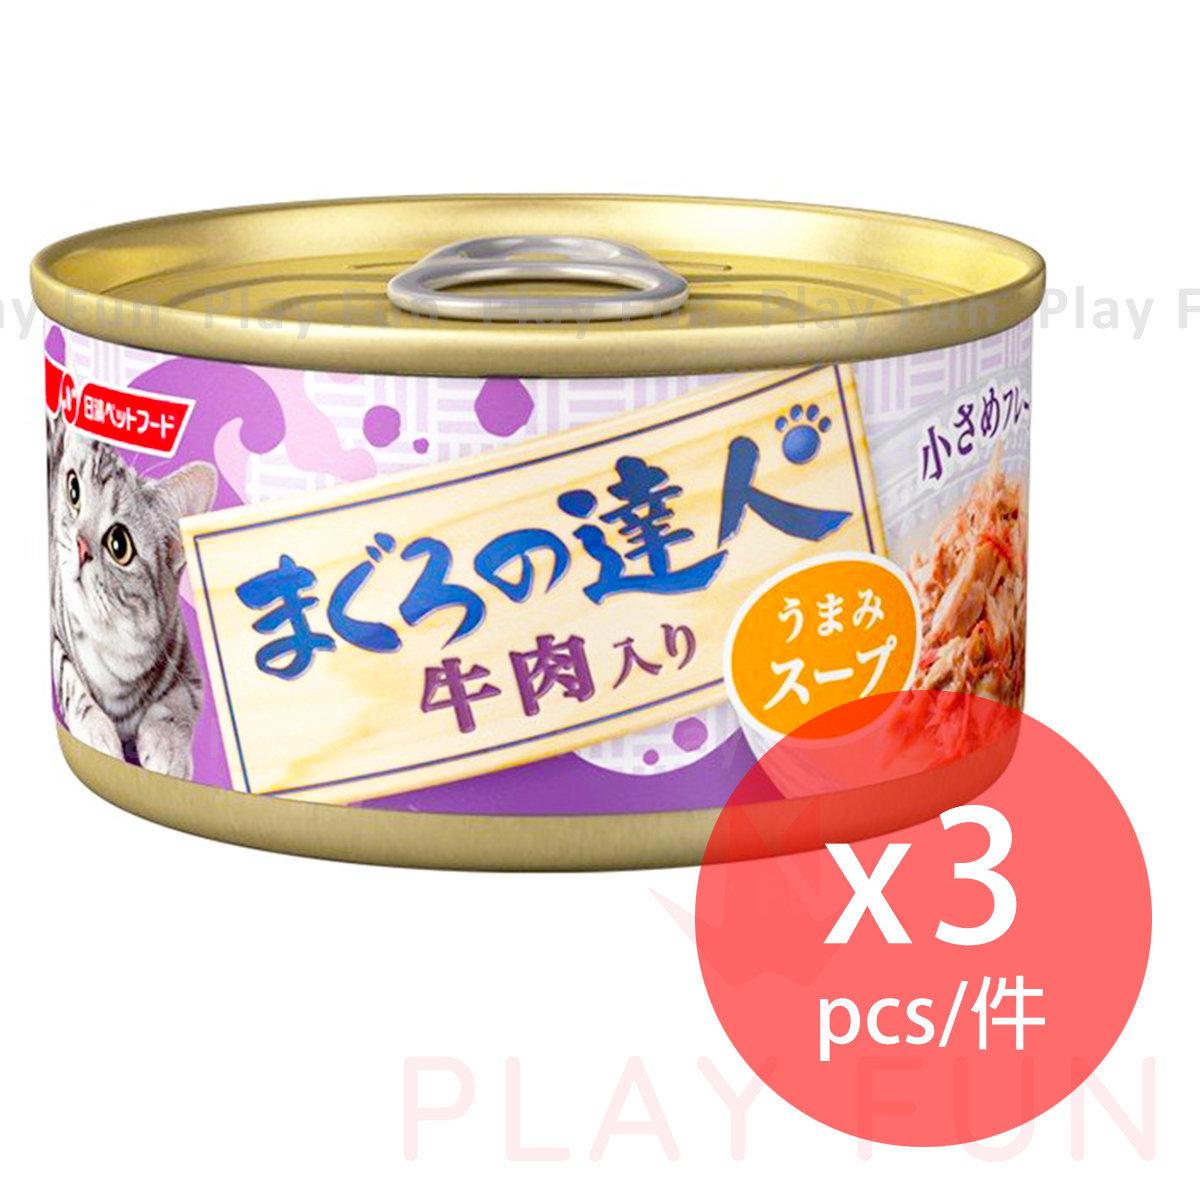 『超值套裝』達人 -吞拿魚+牛肉湯汁貓罐頭 x 3件 (4902162027917_3)